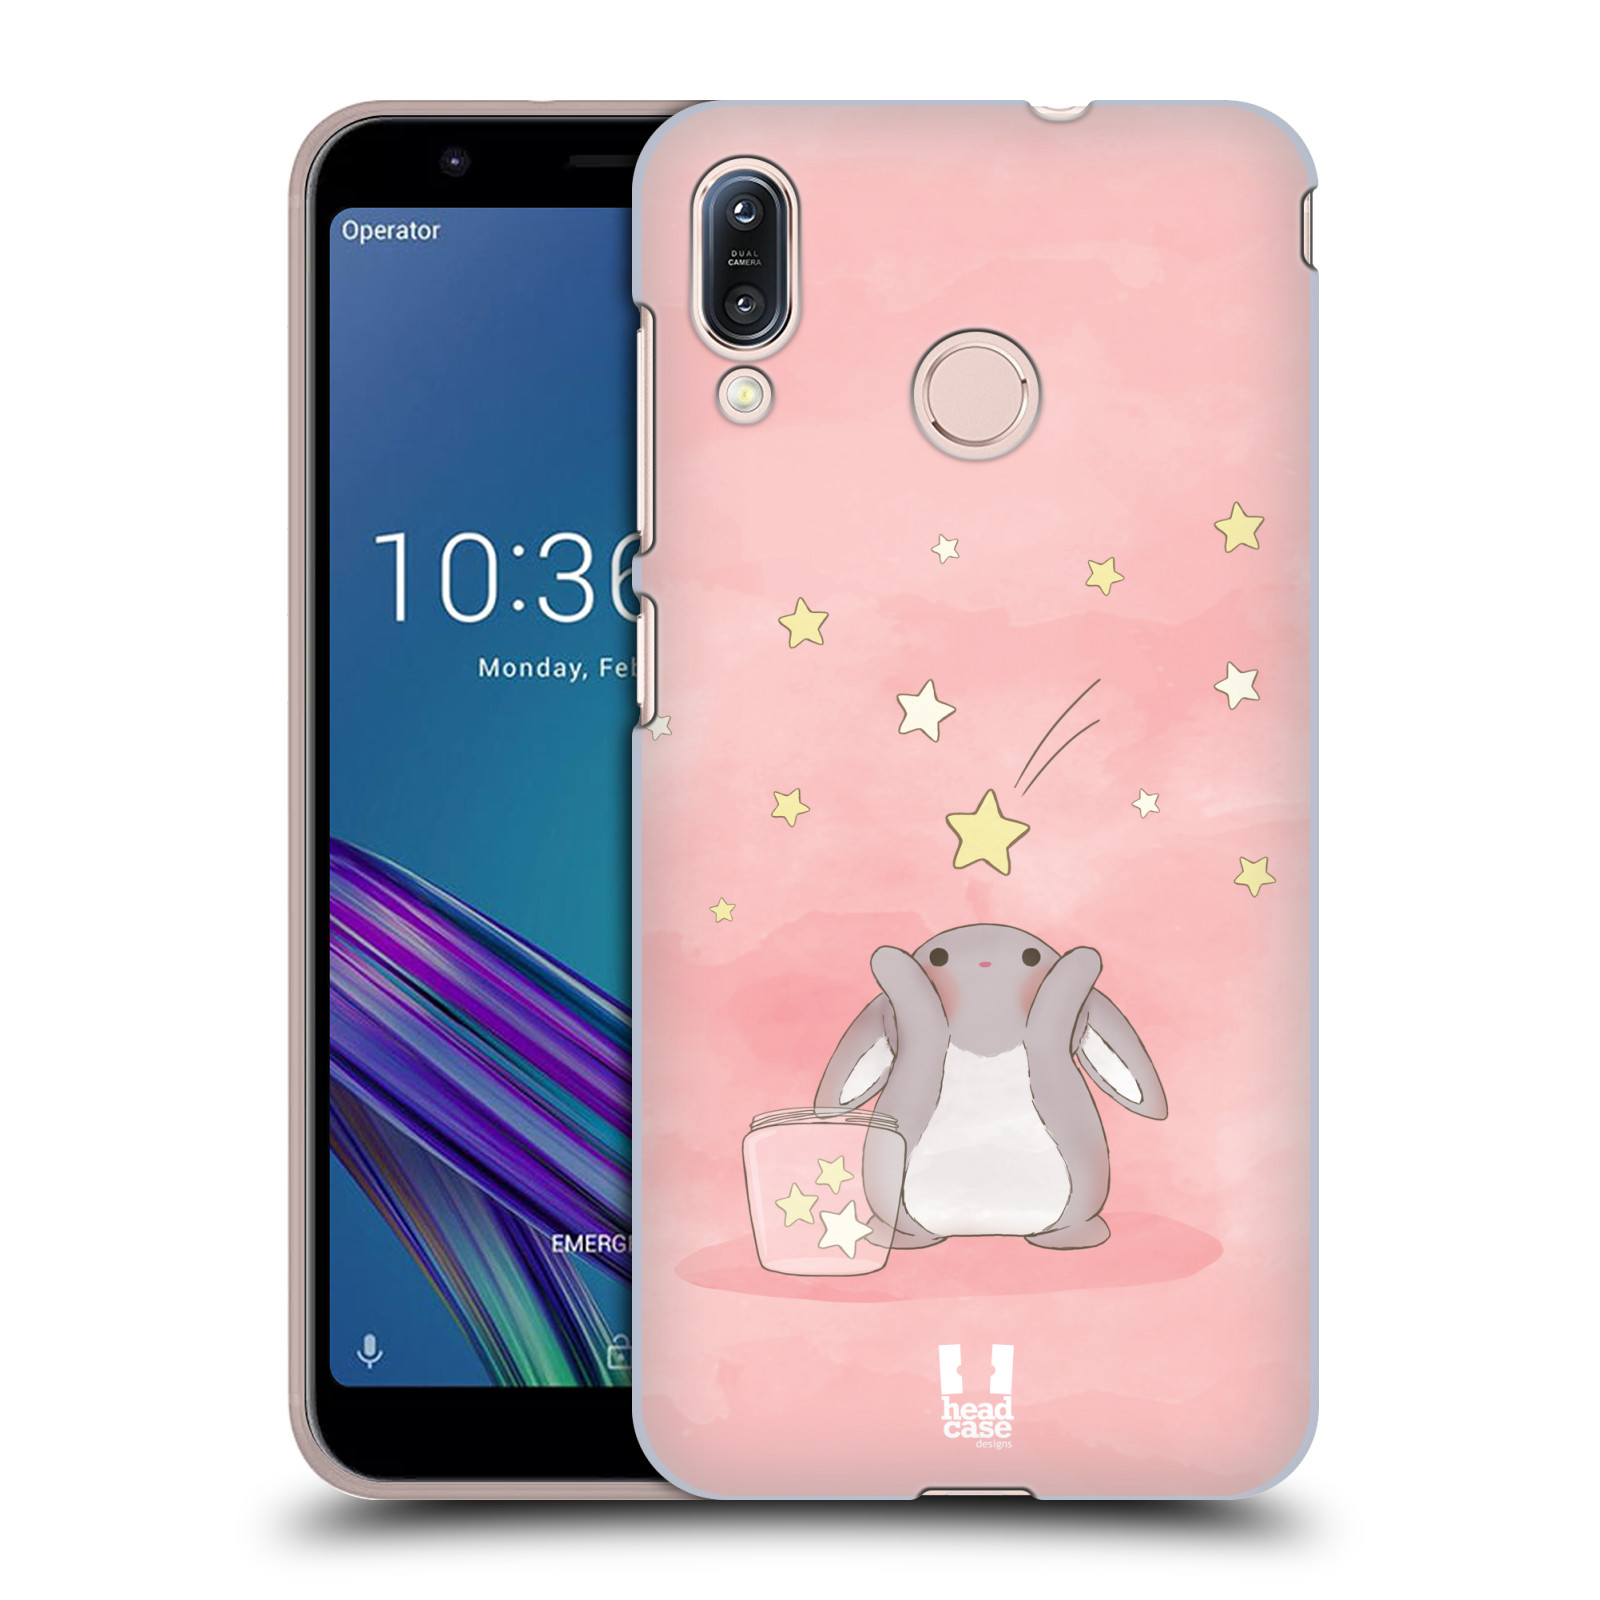 Pouzdro na mobil Asus Zenfone Max M1 (ZB555KL) - HEAD CASE - vzor králíček a hvězdy růžová